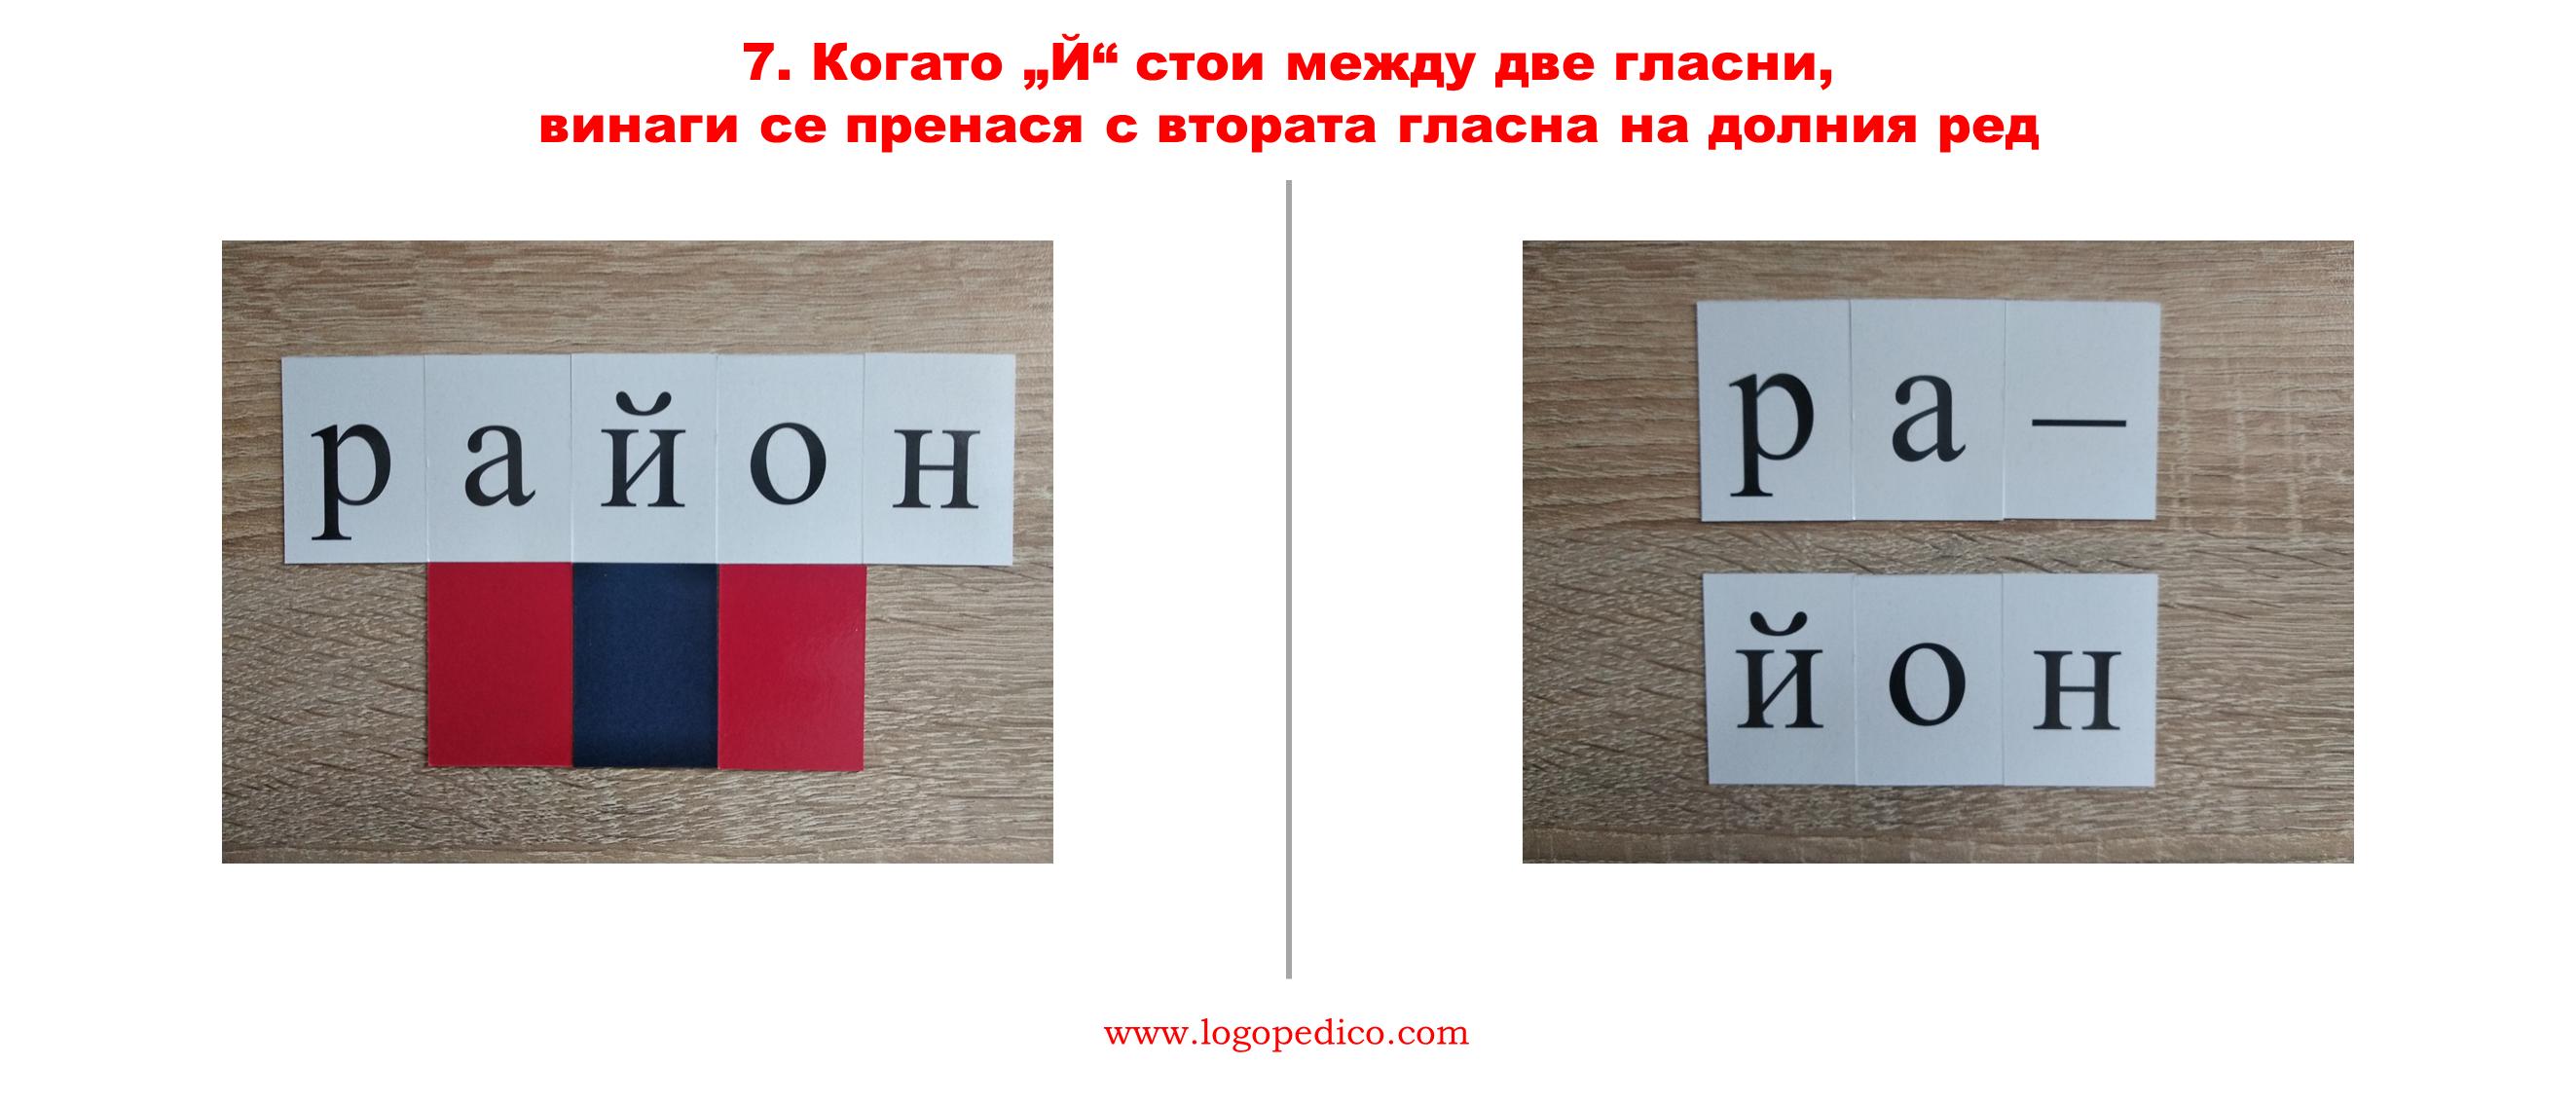 Логопедико - i mejdu 1 - образователни помагала, занимания и материали